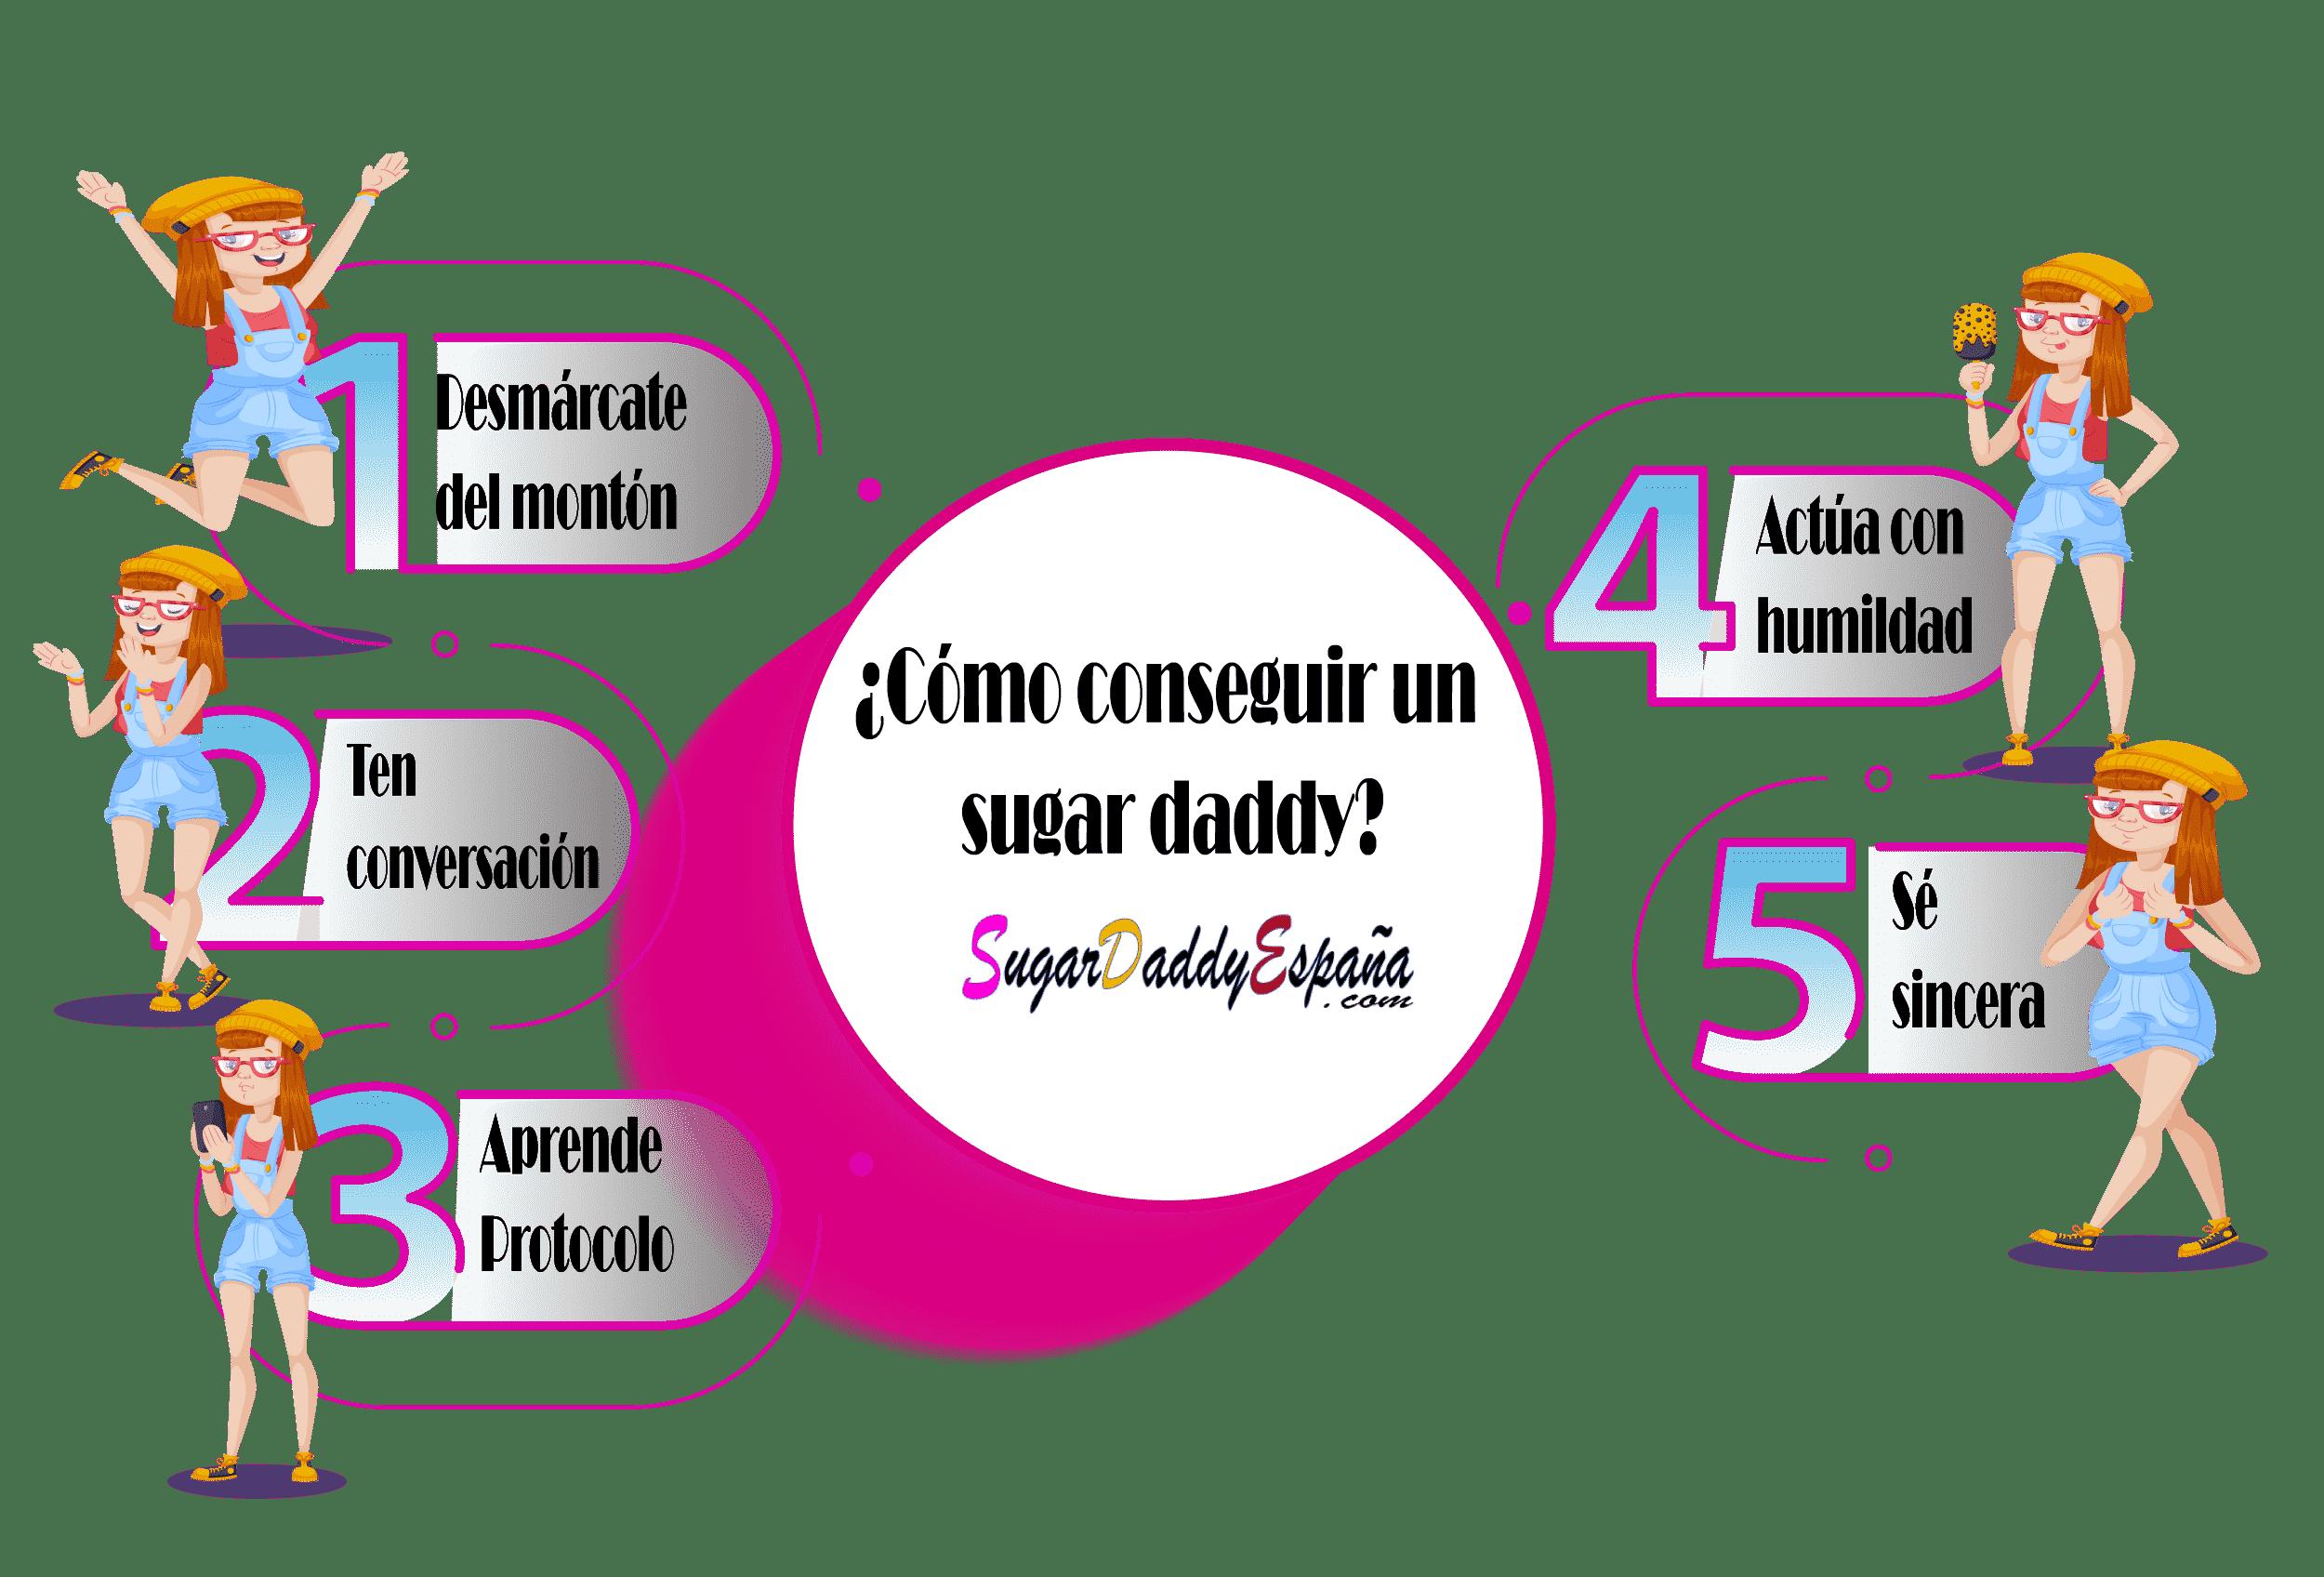 Infografía. ¿Cómo conseguir un sugar daddy?